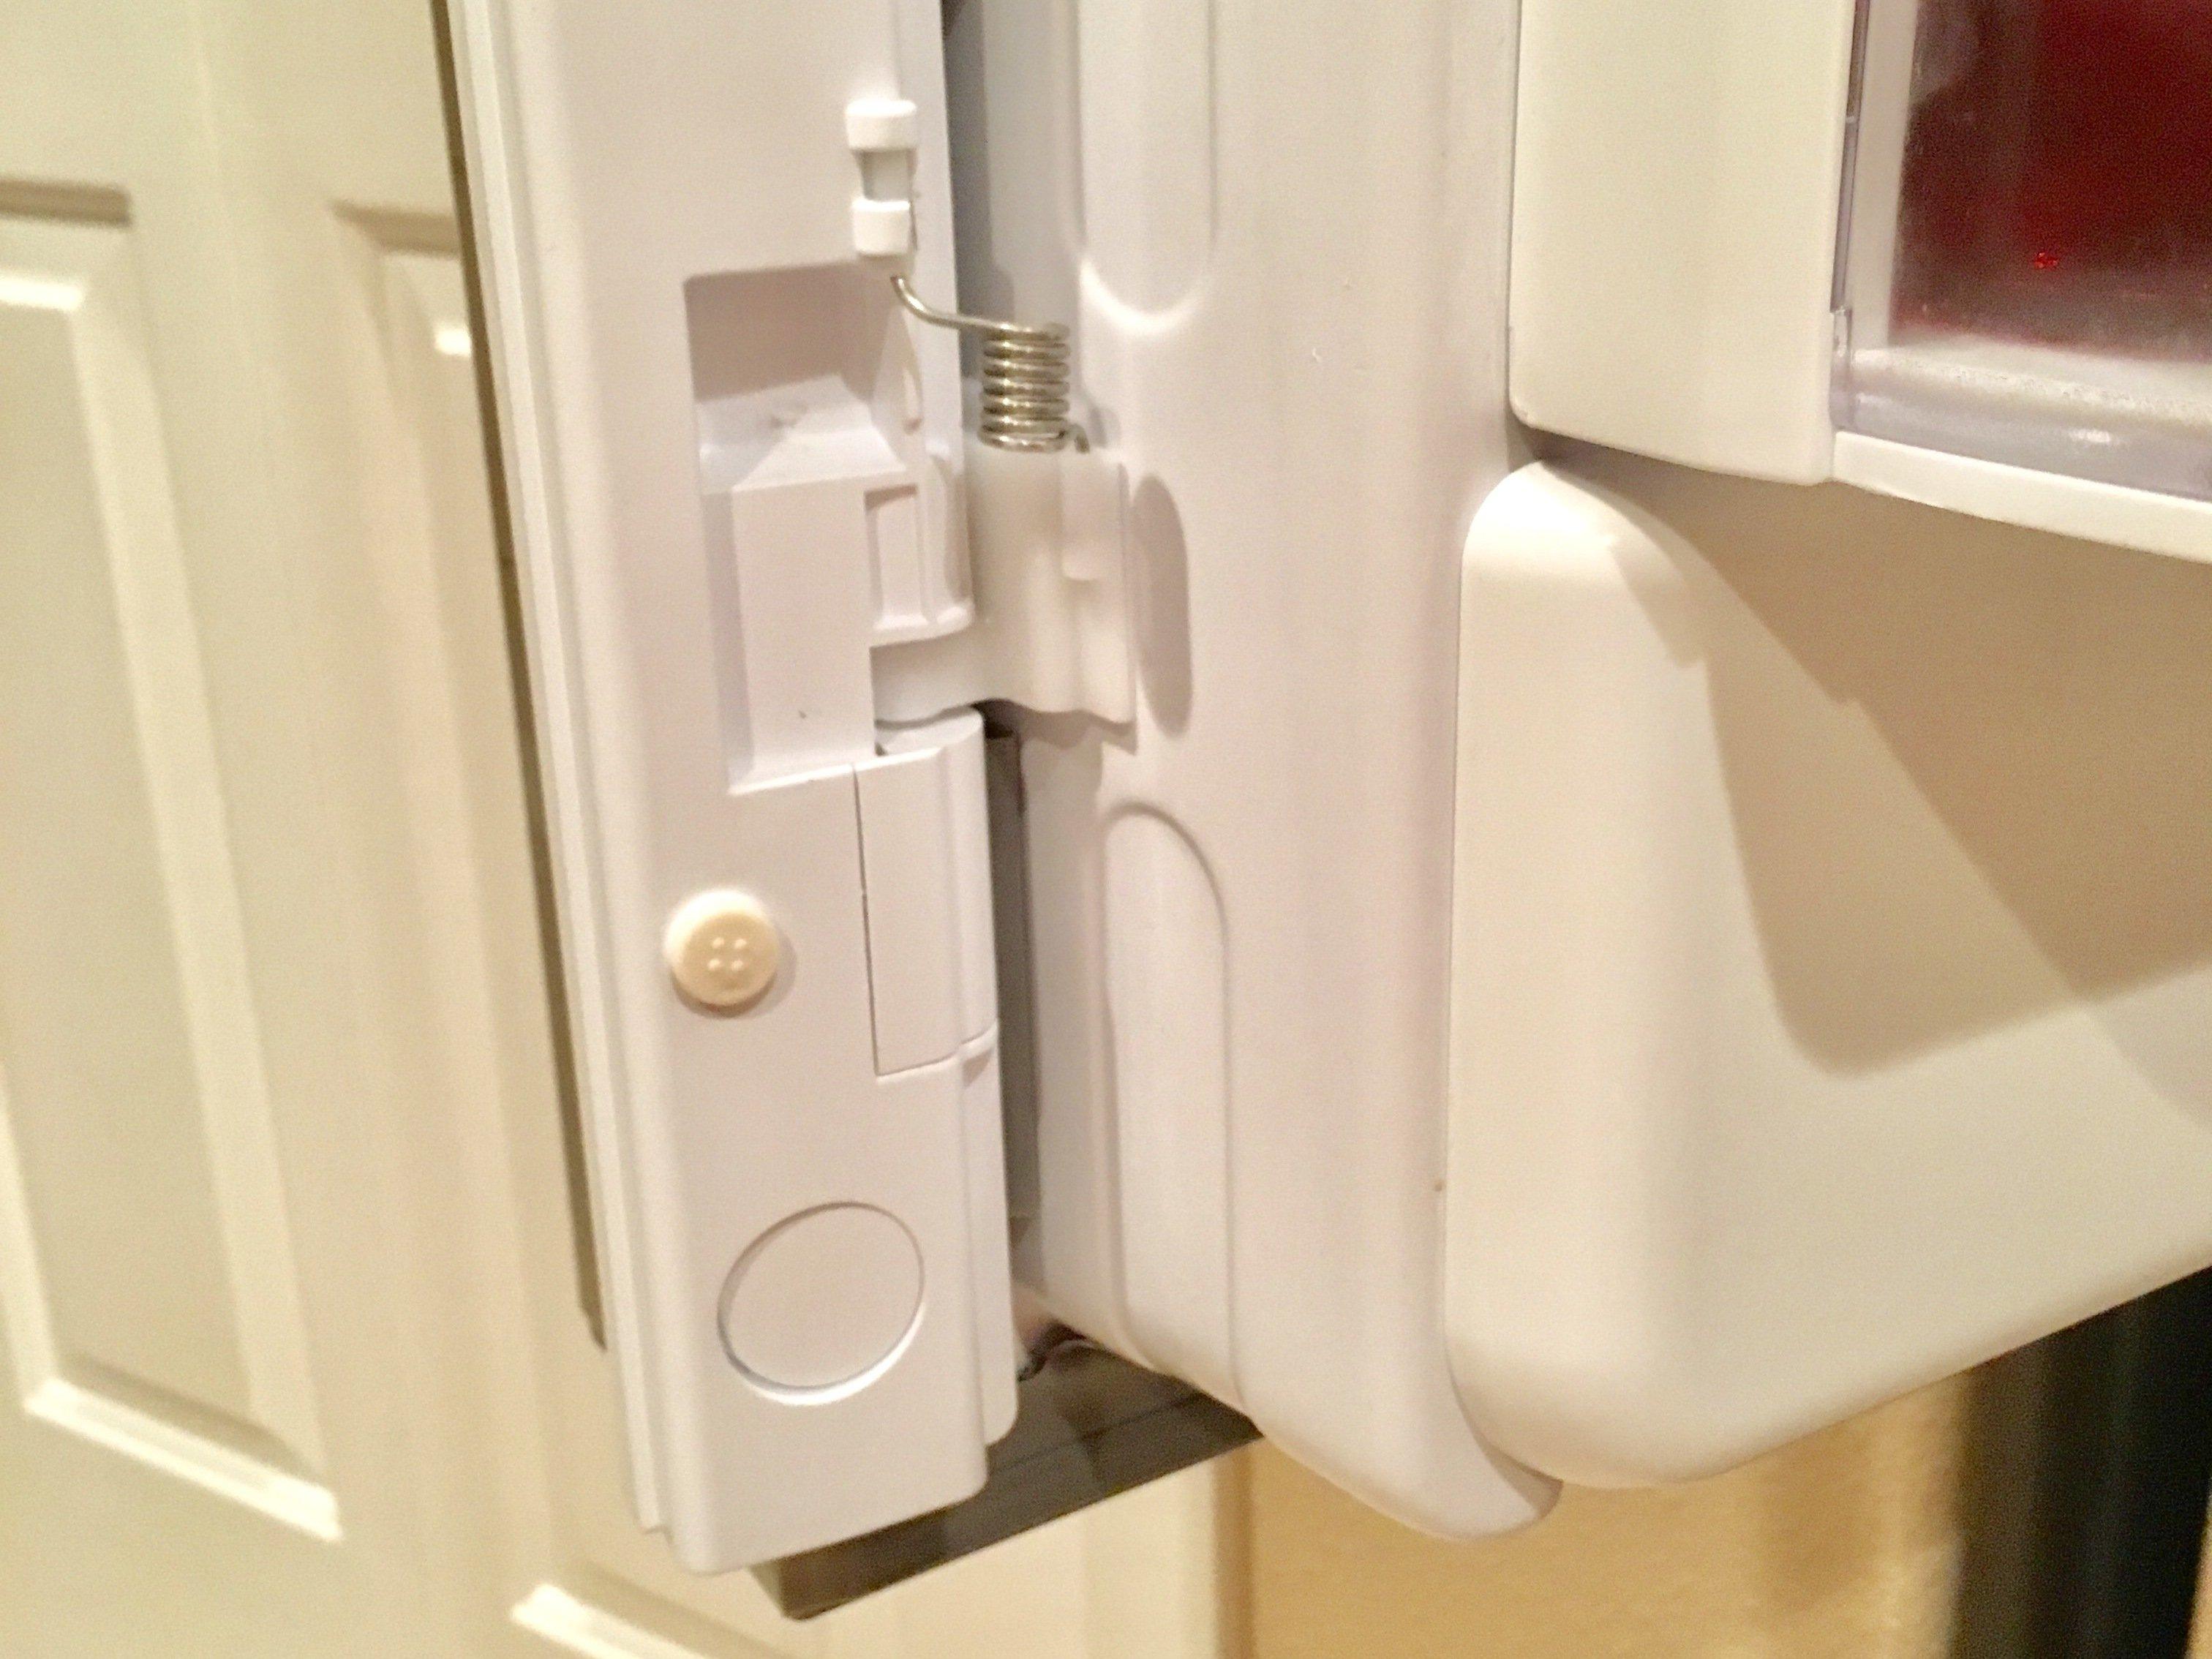 Replacing Spring In Refrigerator Door Ifixit Repair Guide